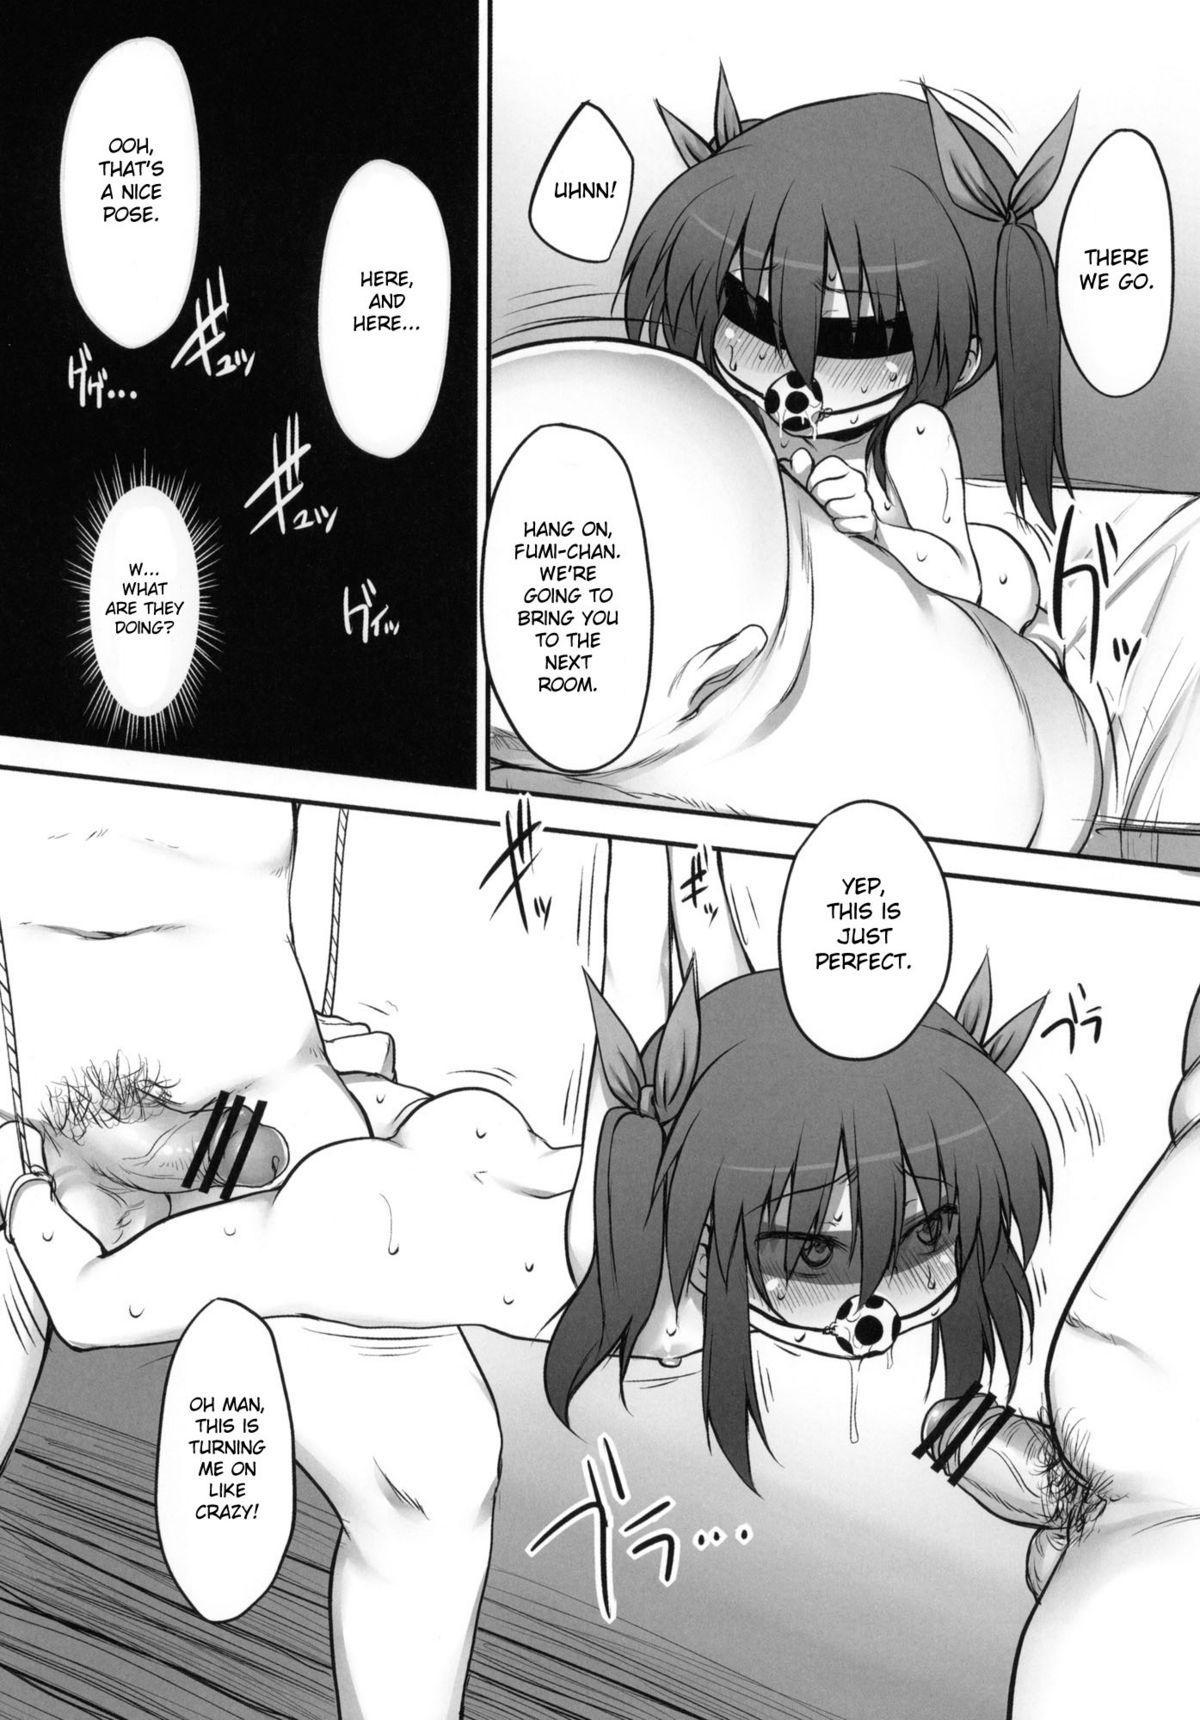 (SC49) [Marked-two (Maa-kun, Juuichijou)] Fumi-chan no Kansatsu Nikki (Ge) | Fumi-chan's Observation Diary (Bottom) [English] [desudesu] 3